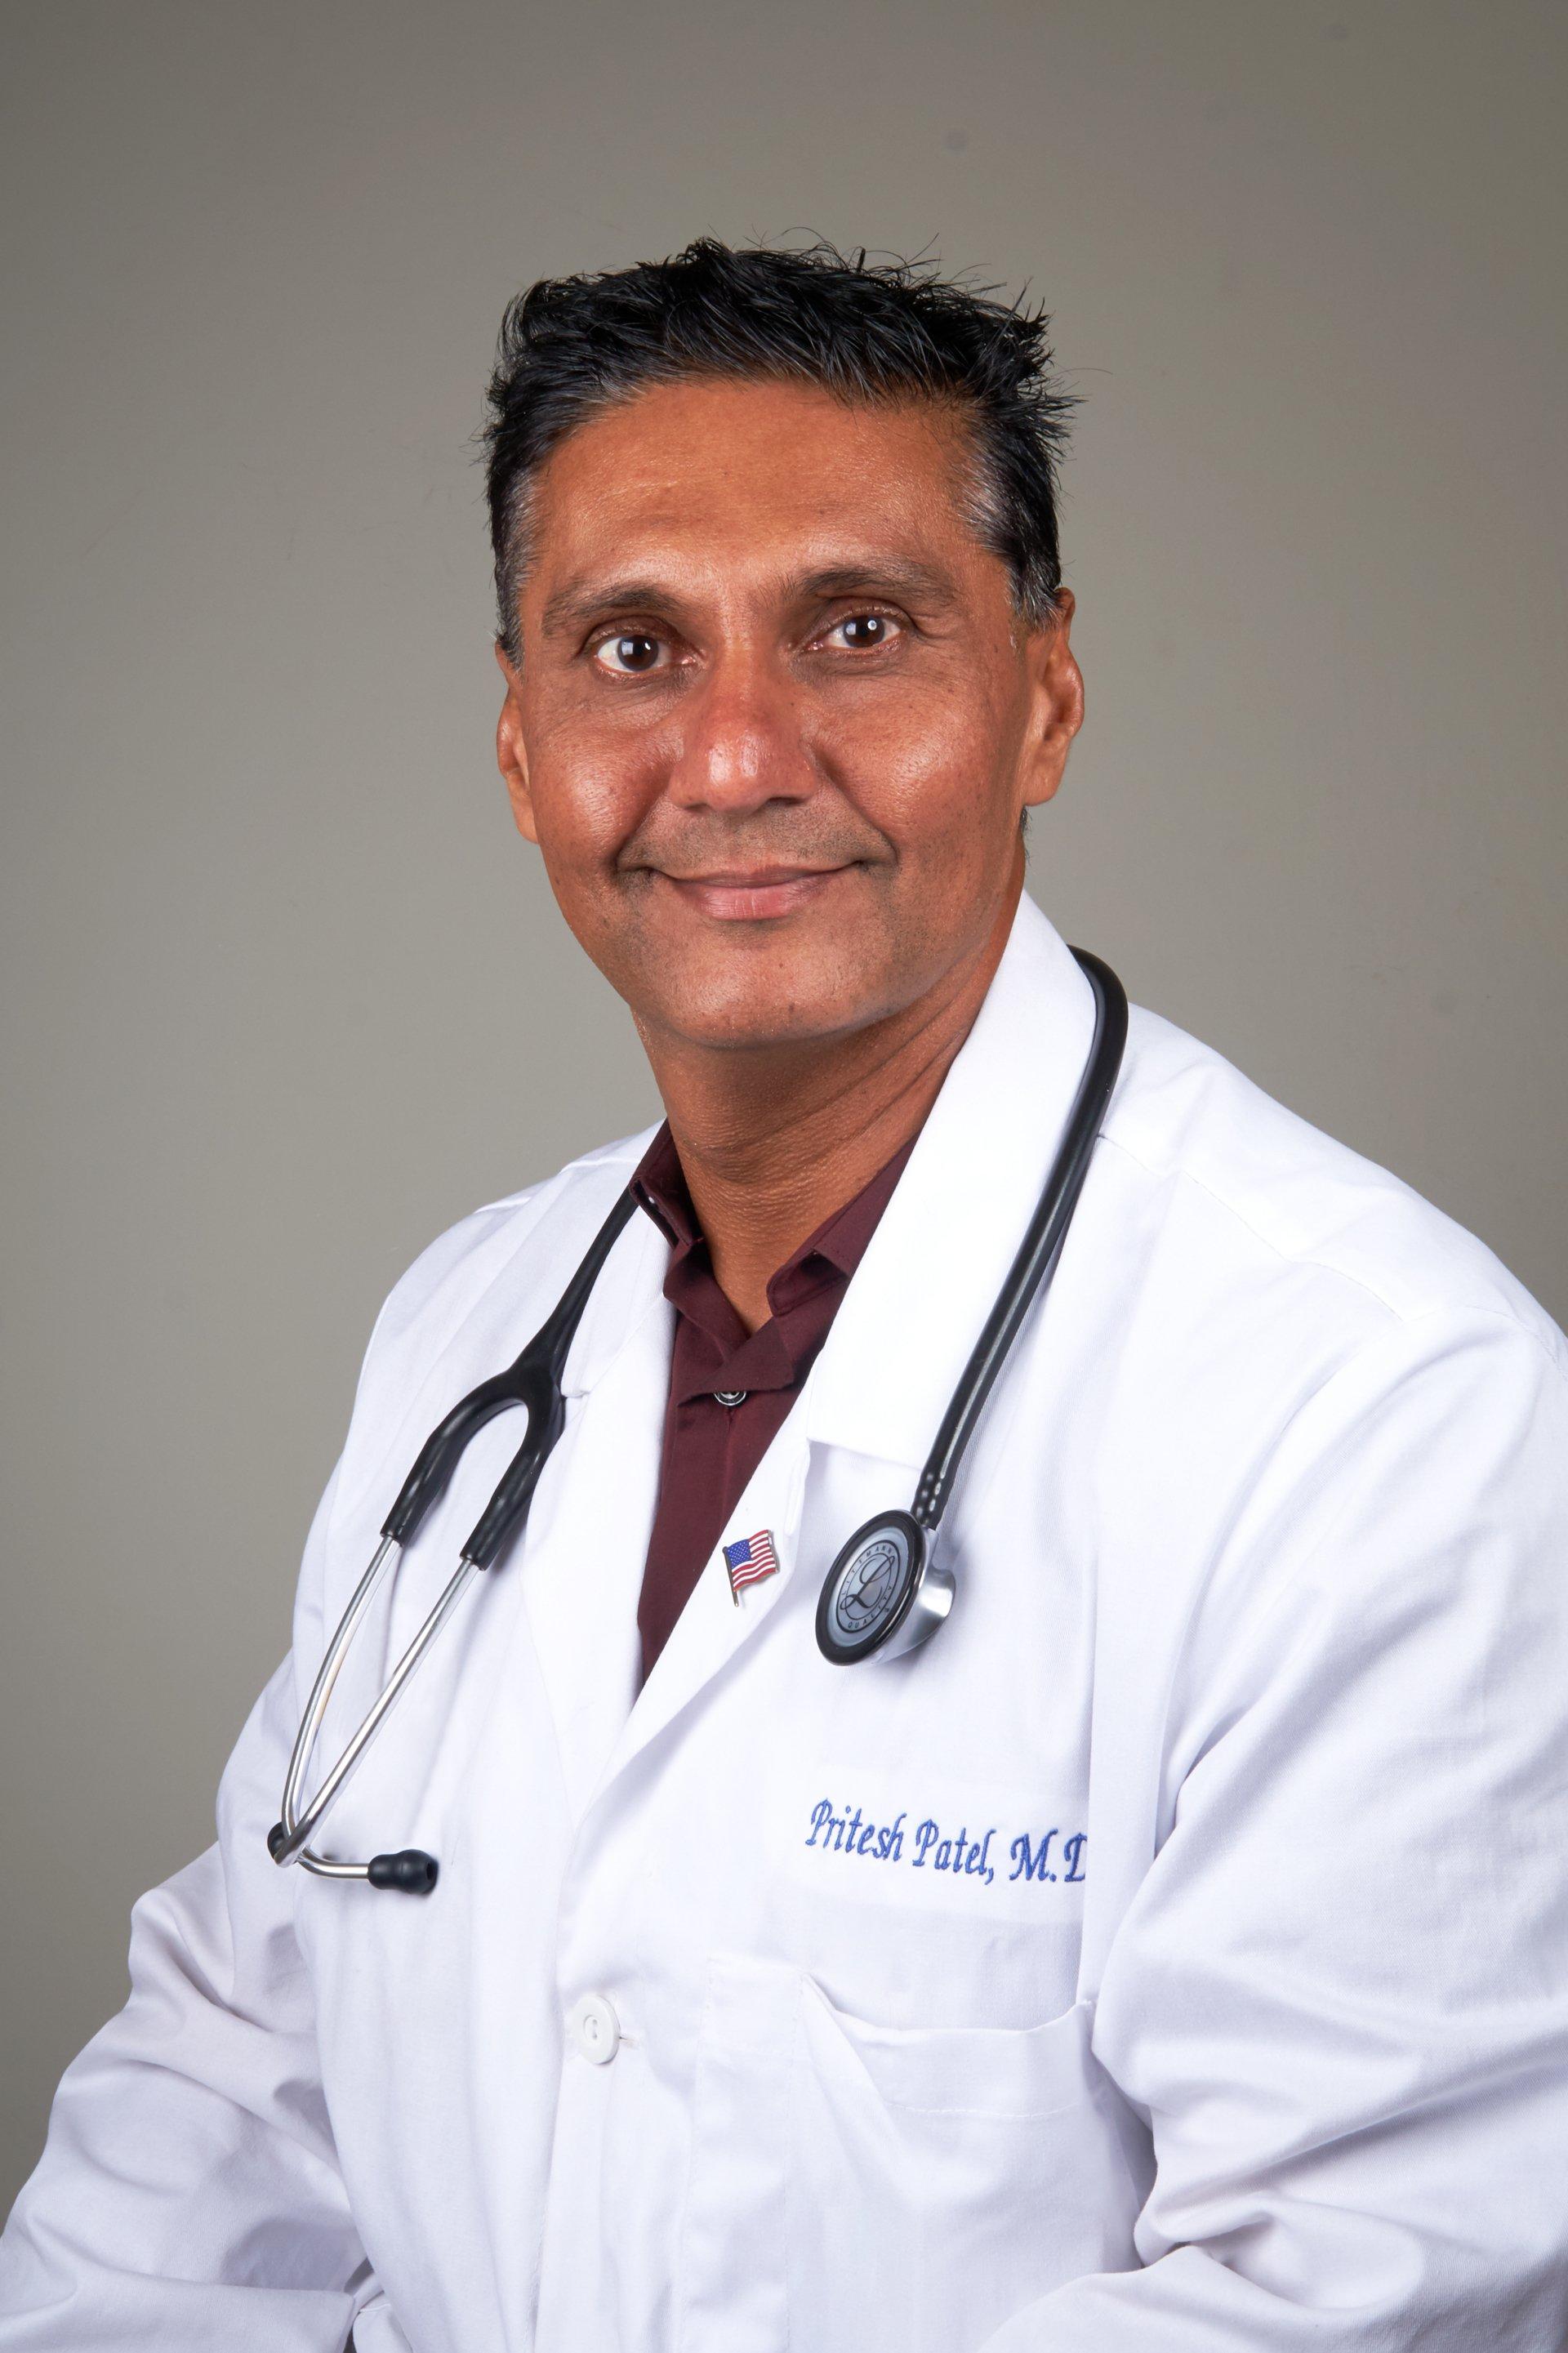 Dr Pritesh Patel M D